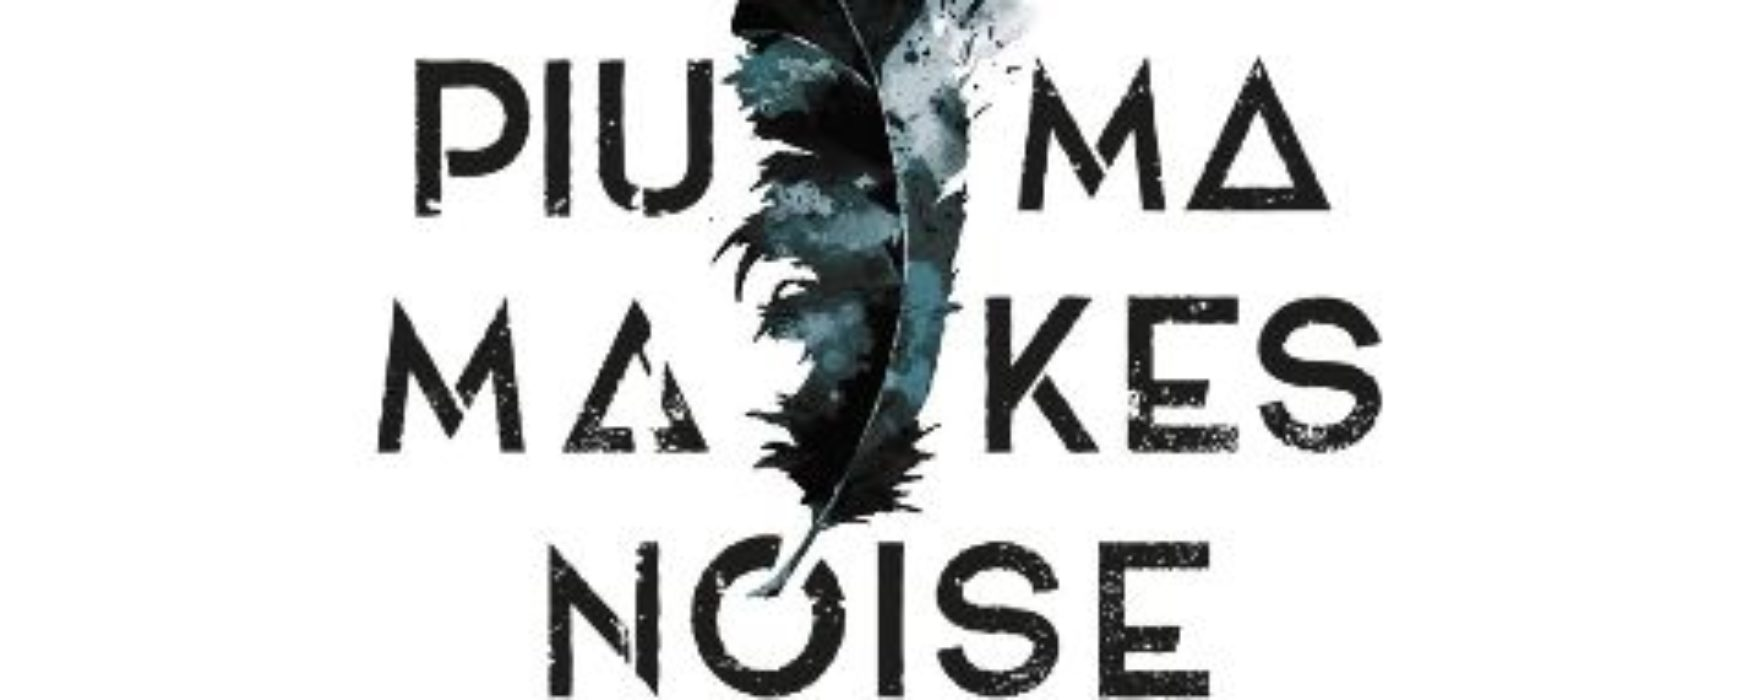 """Piuma Makes Noise, """"Piuma Makes Noise"""": la recensione"""